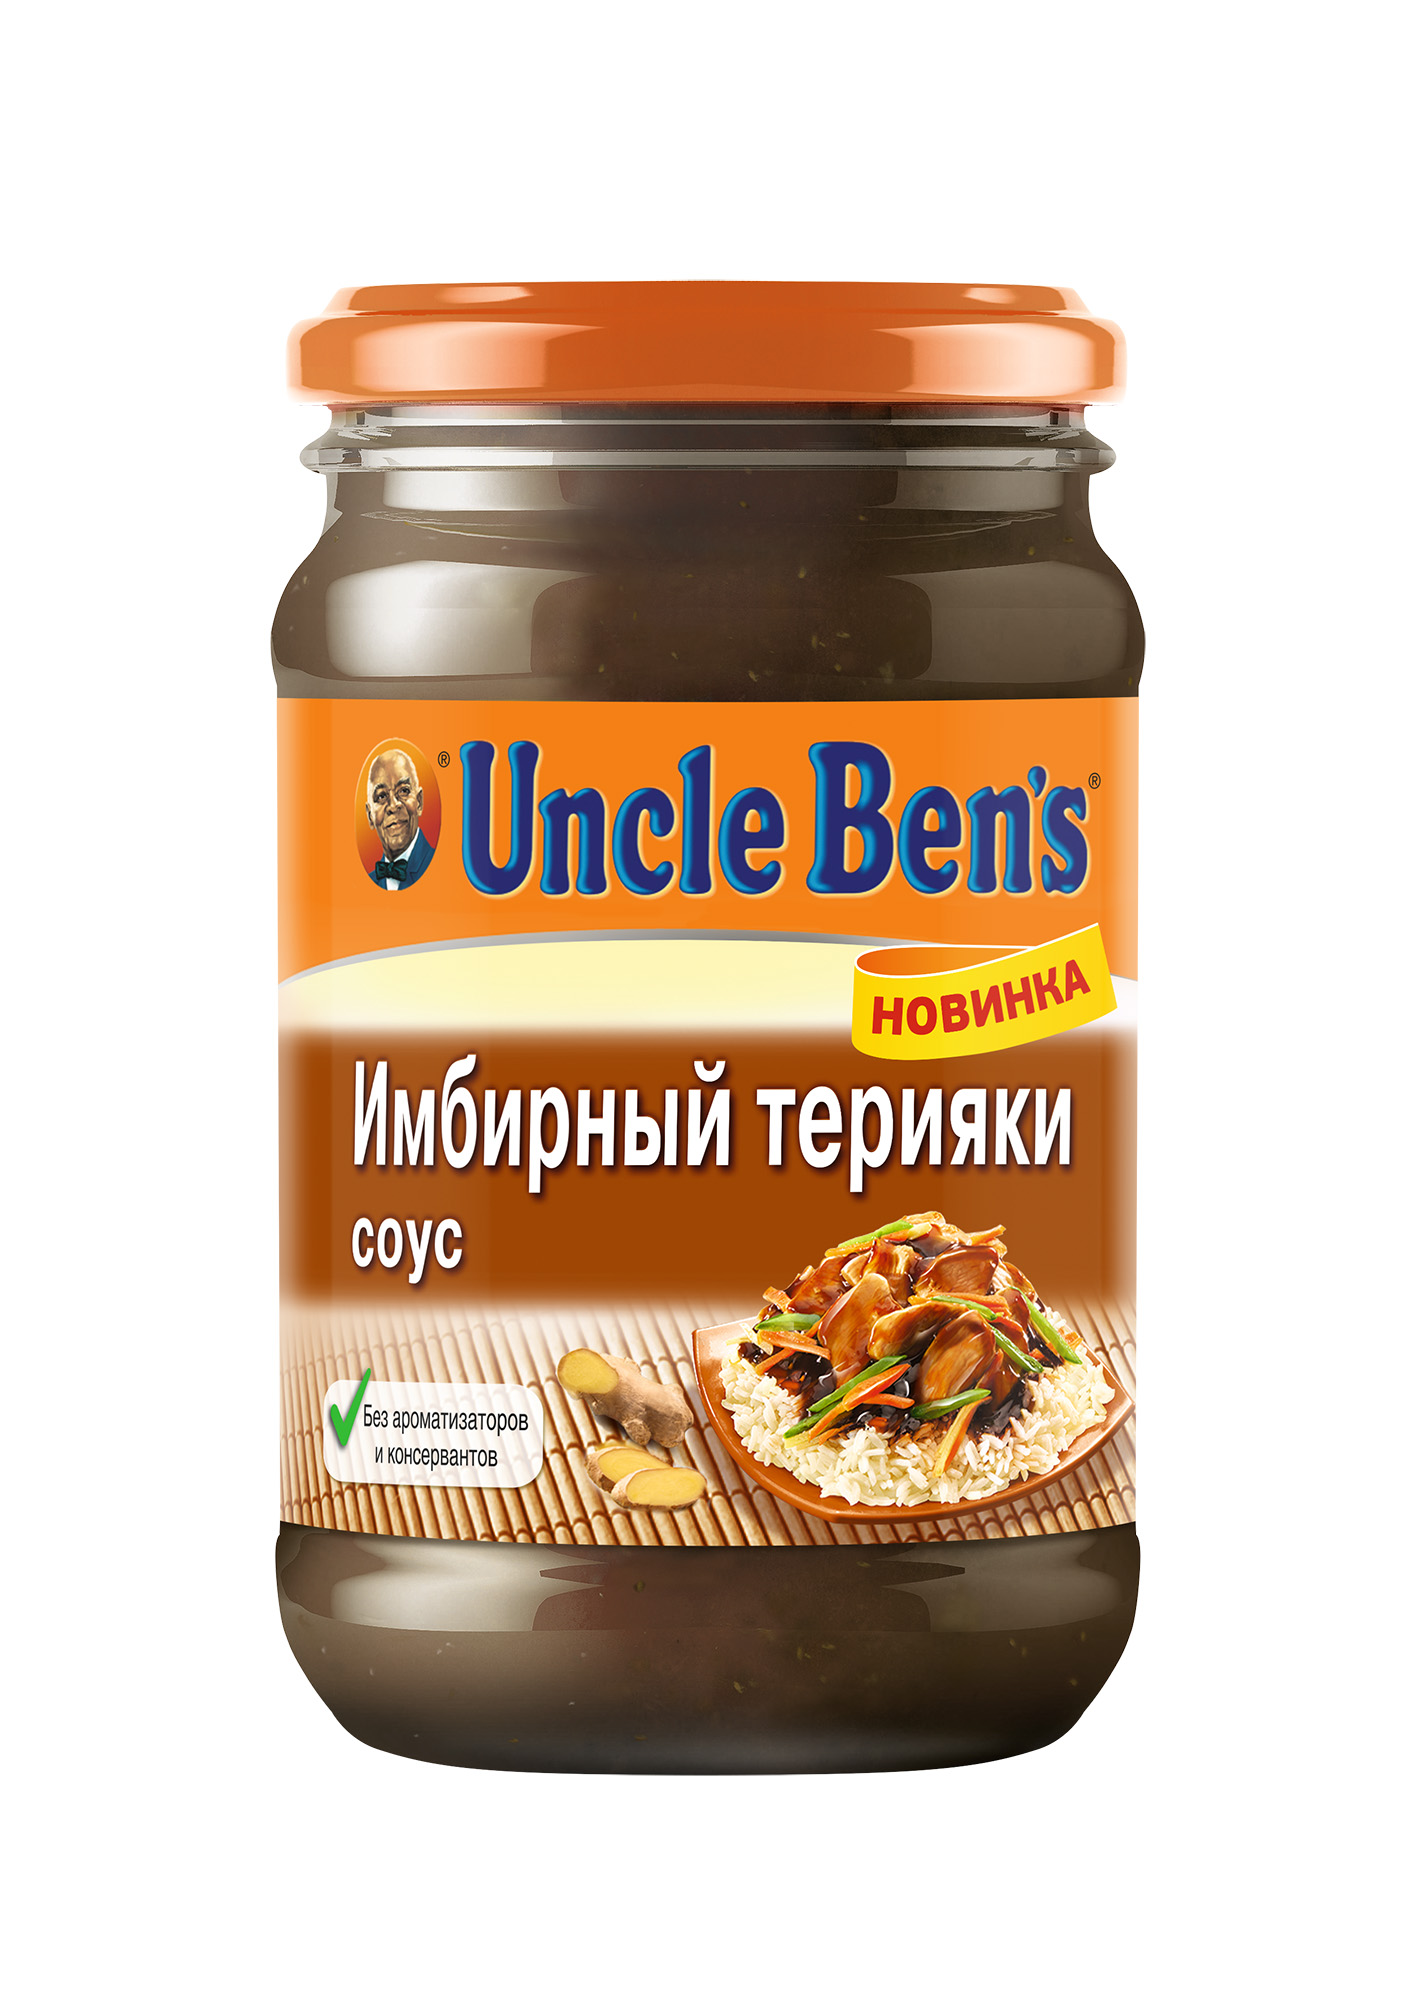 Соус Uncle Ben's имбирный терияки